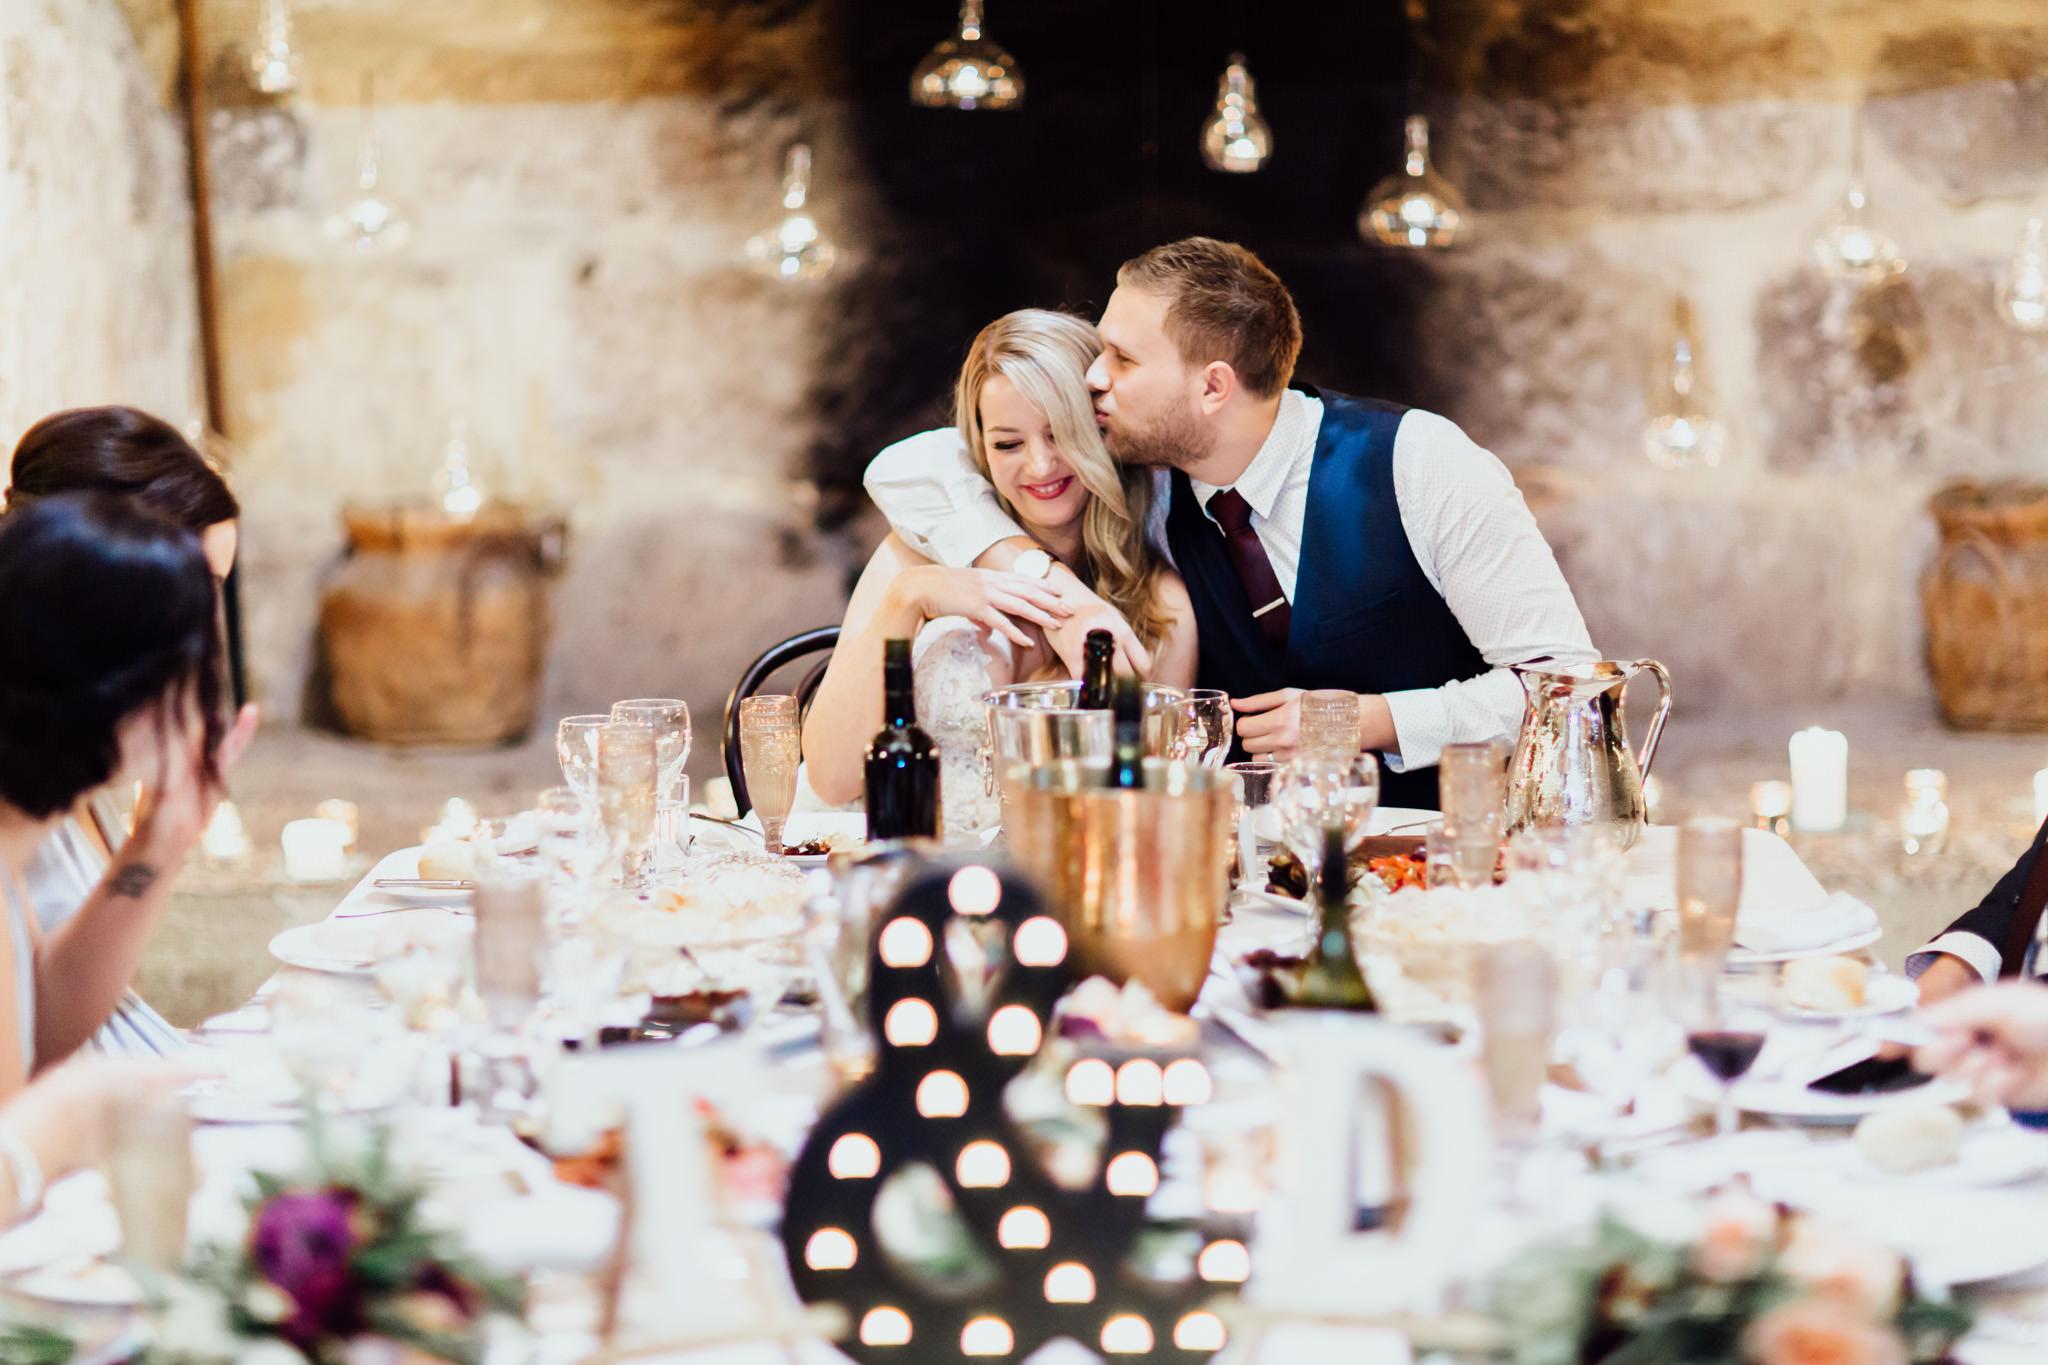 WeddingPhotos_Facebook_2048pixels-1122.jpg